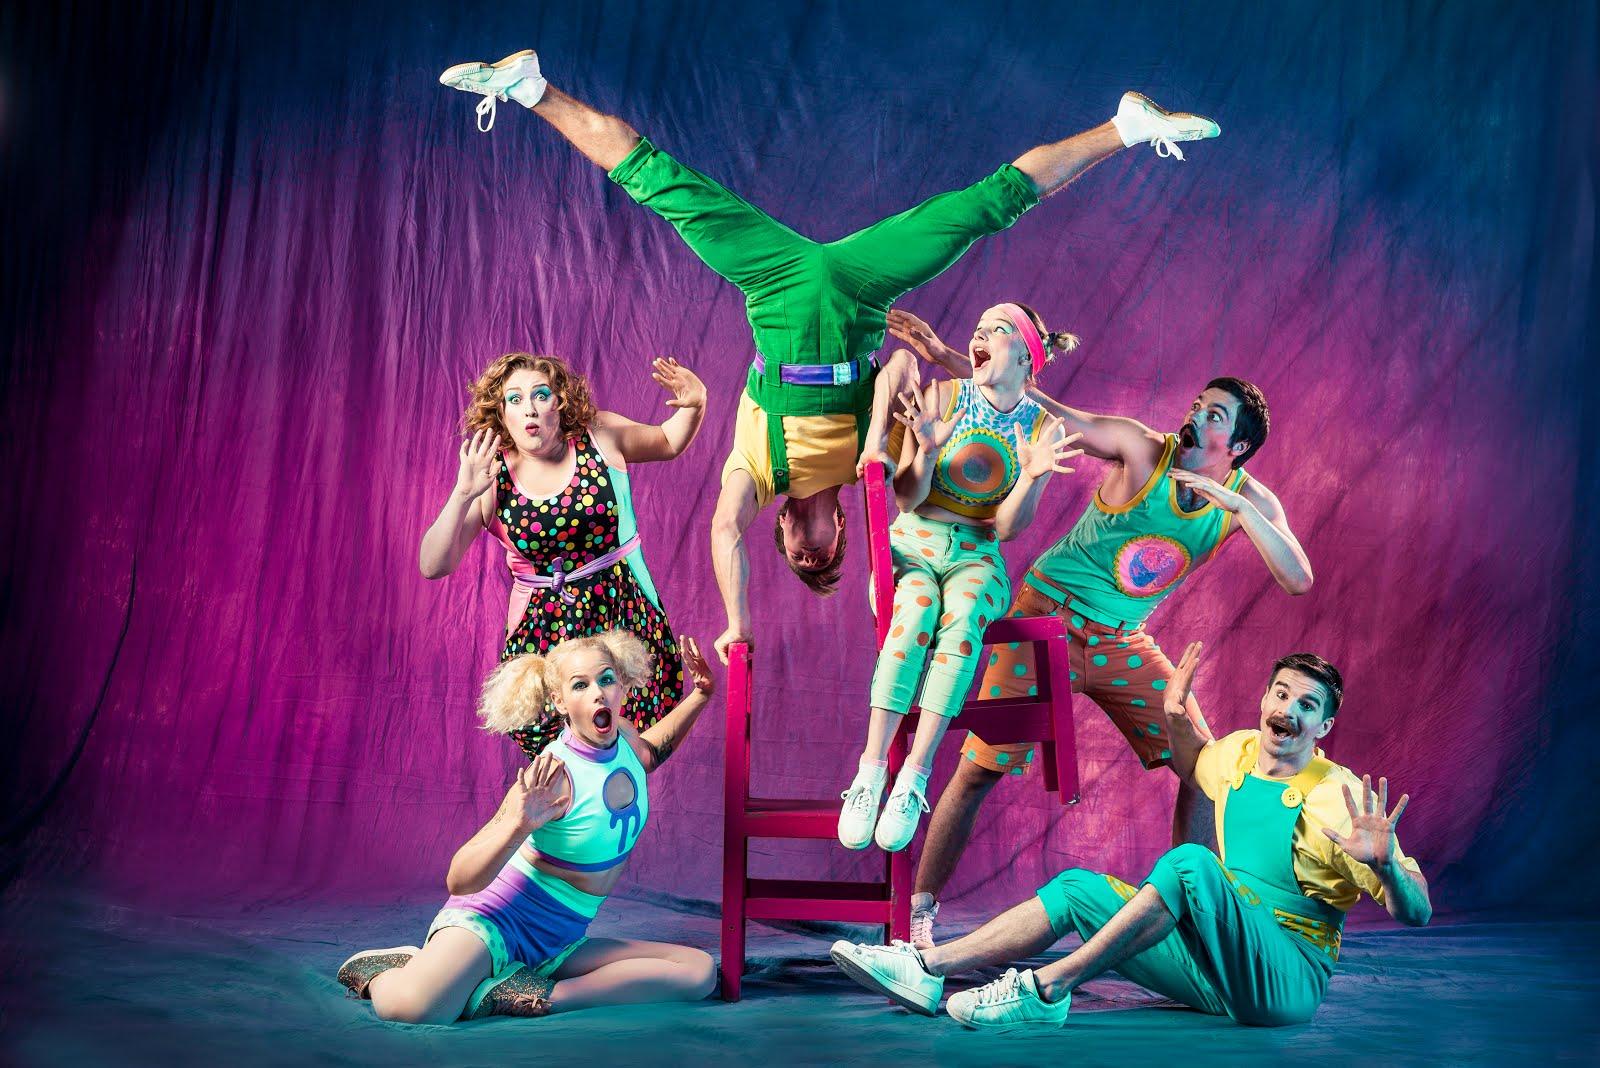 BUBBLEGUM CABARET - Astounding circus tricks!